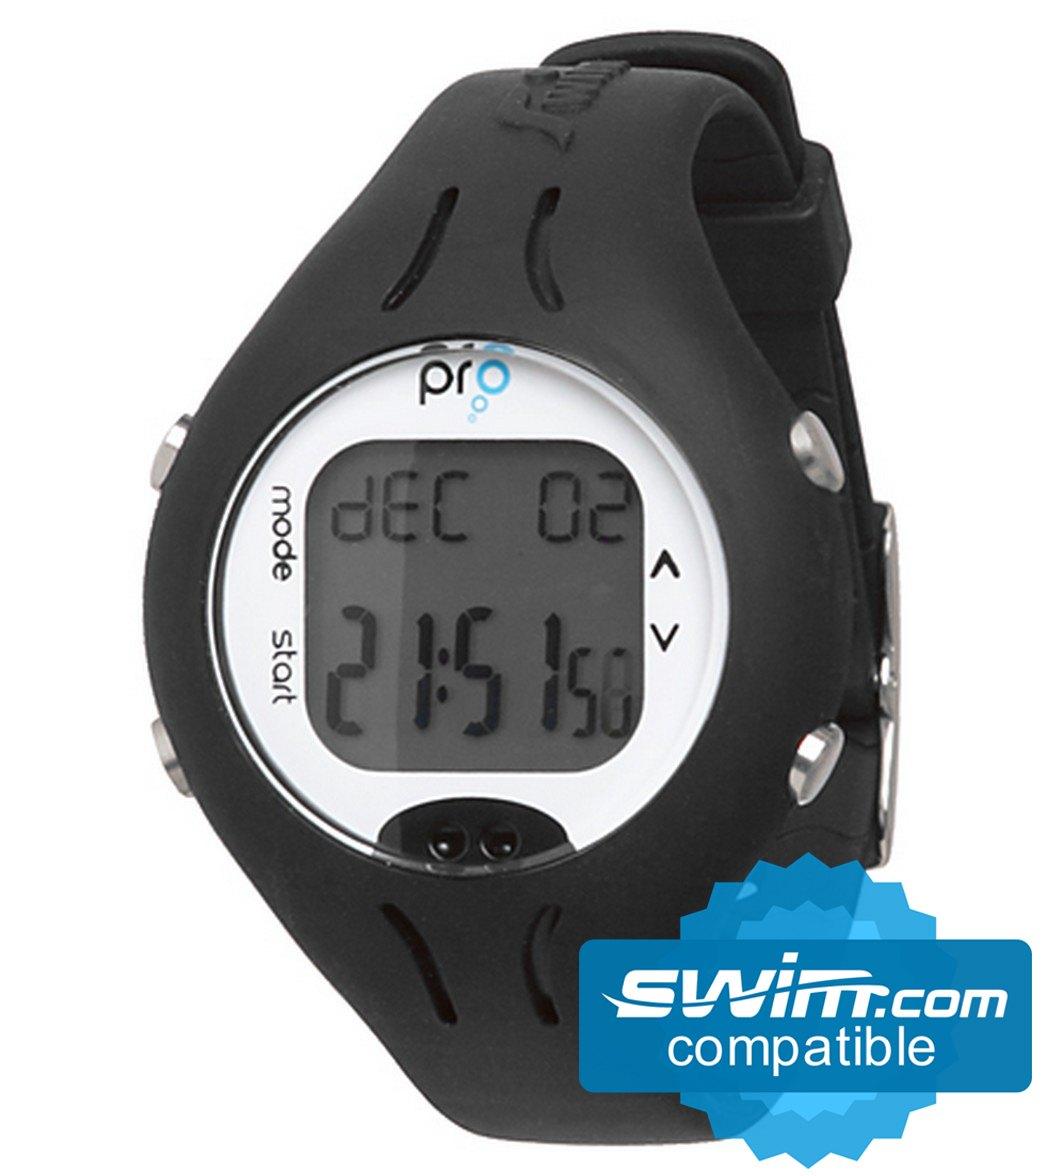 Swimovate Poolmate Pro Swim Watch at SwimOutlet.com - Free Shipping c33e4da3d